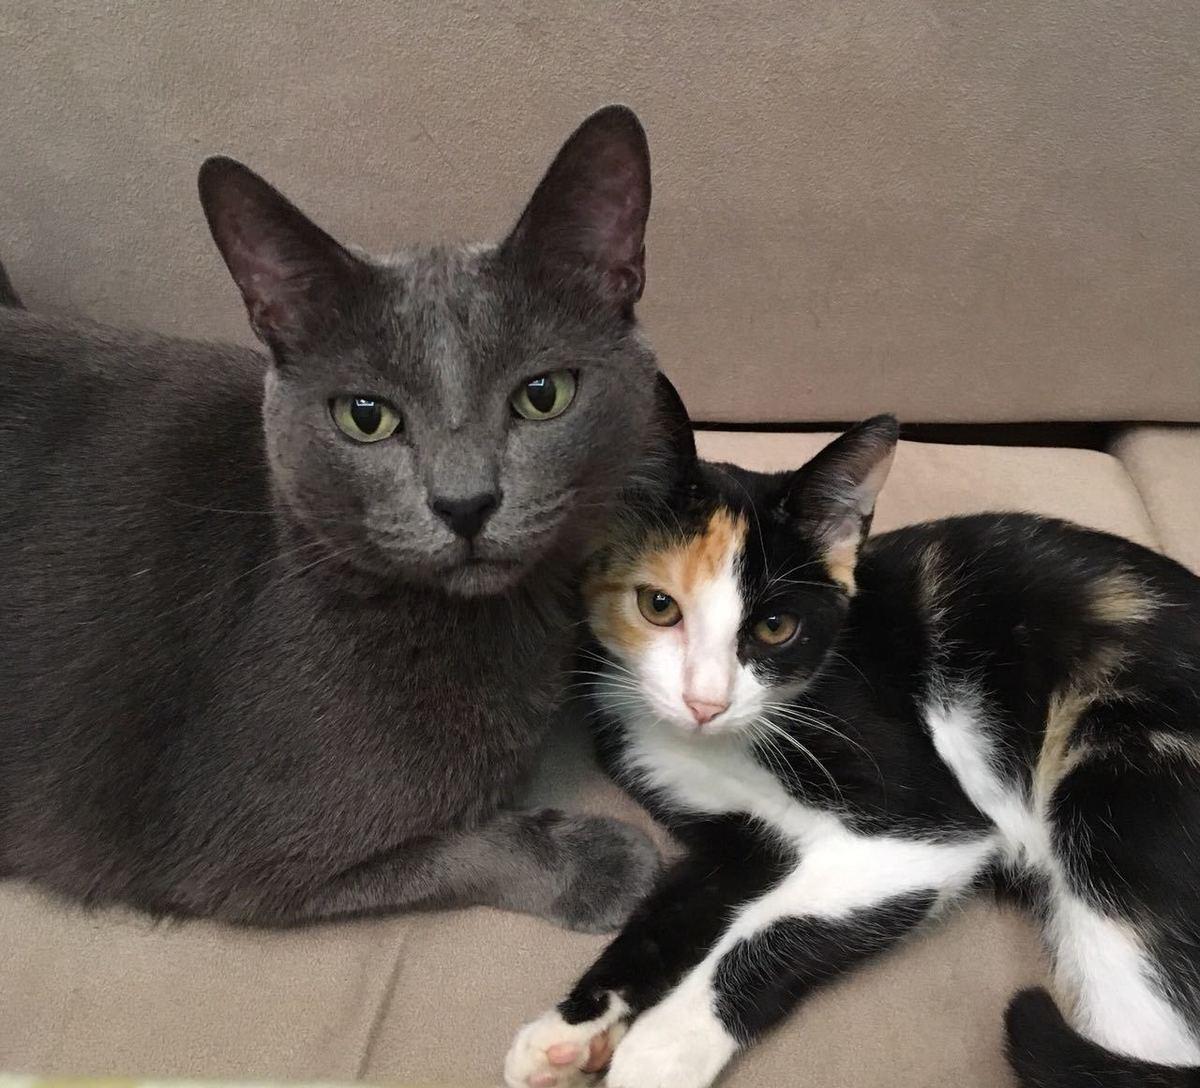 Dois gatos abraçados em um sofá olhando para a câmera.